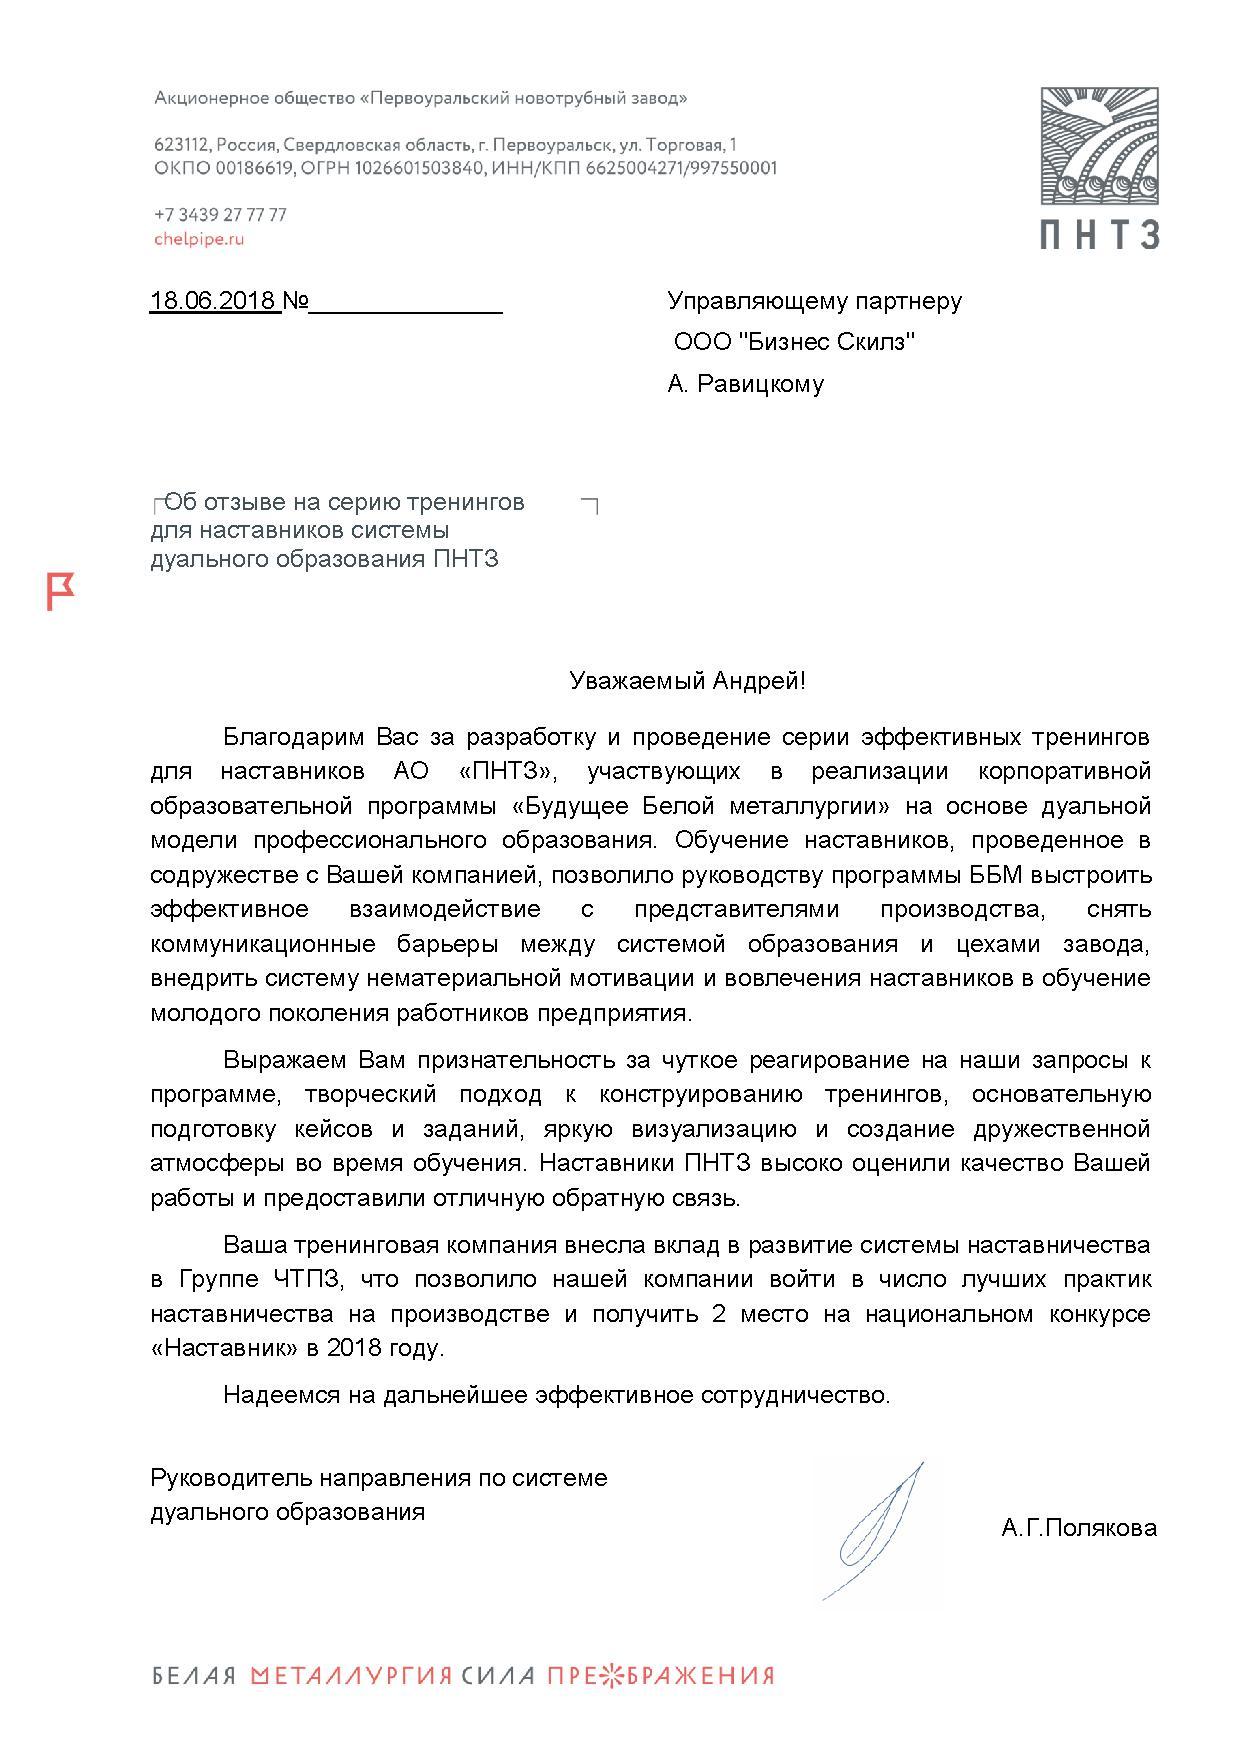 РП_ПНТЗ